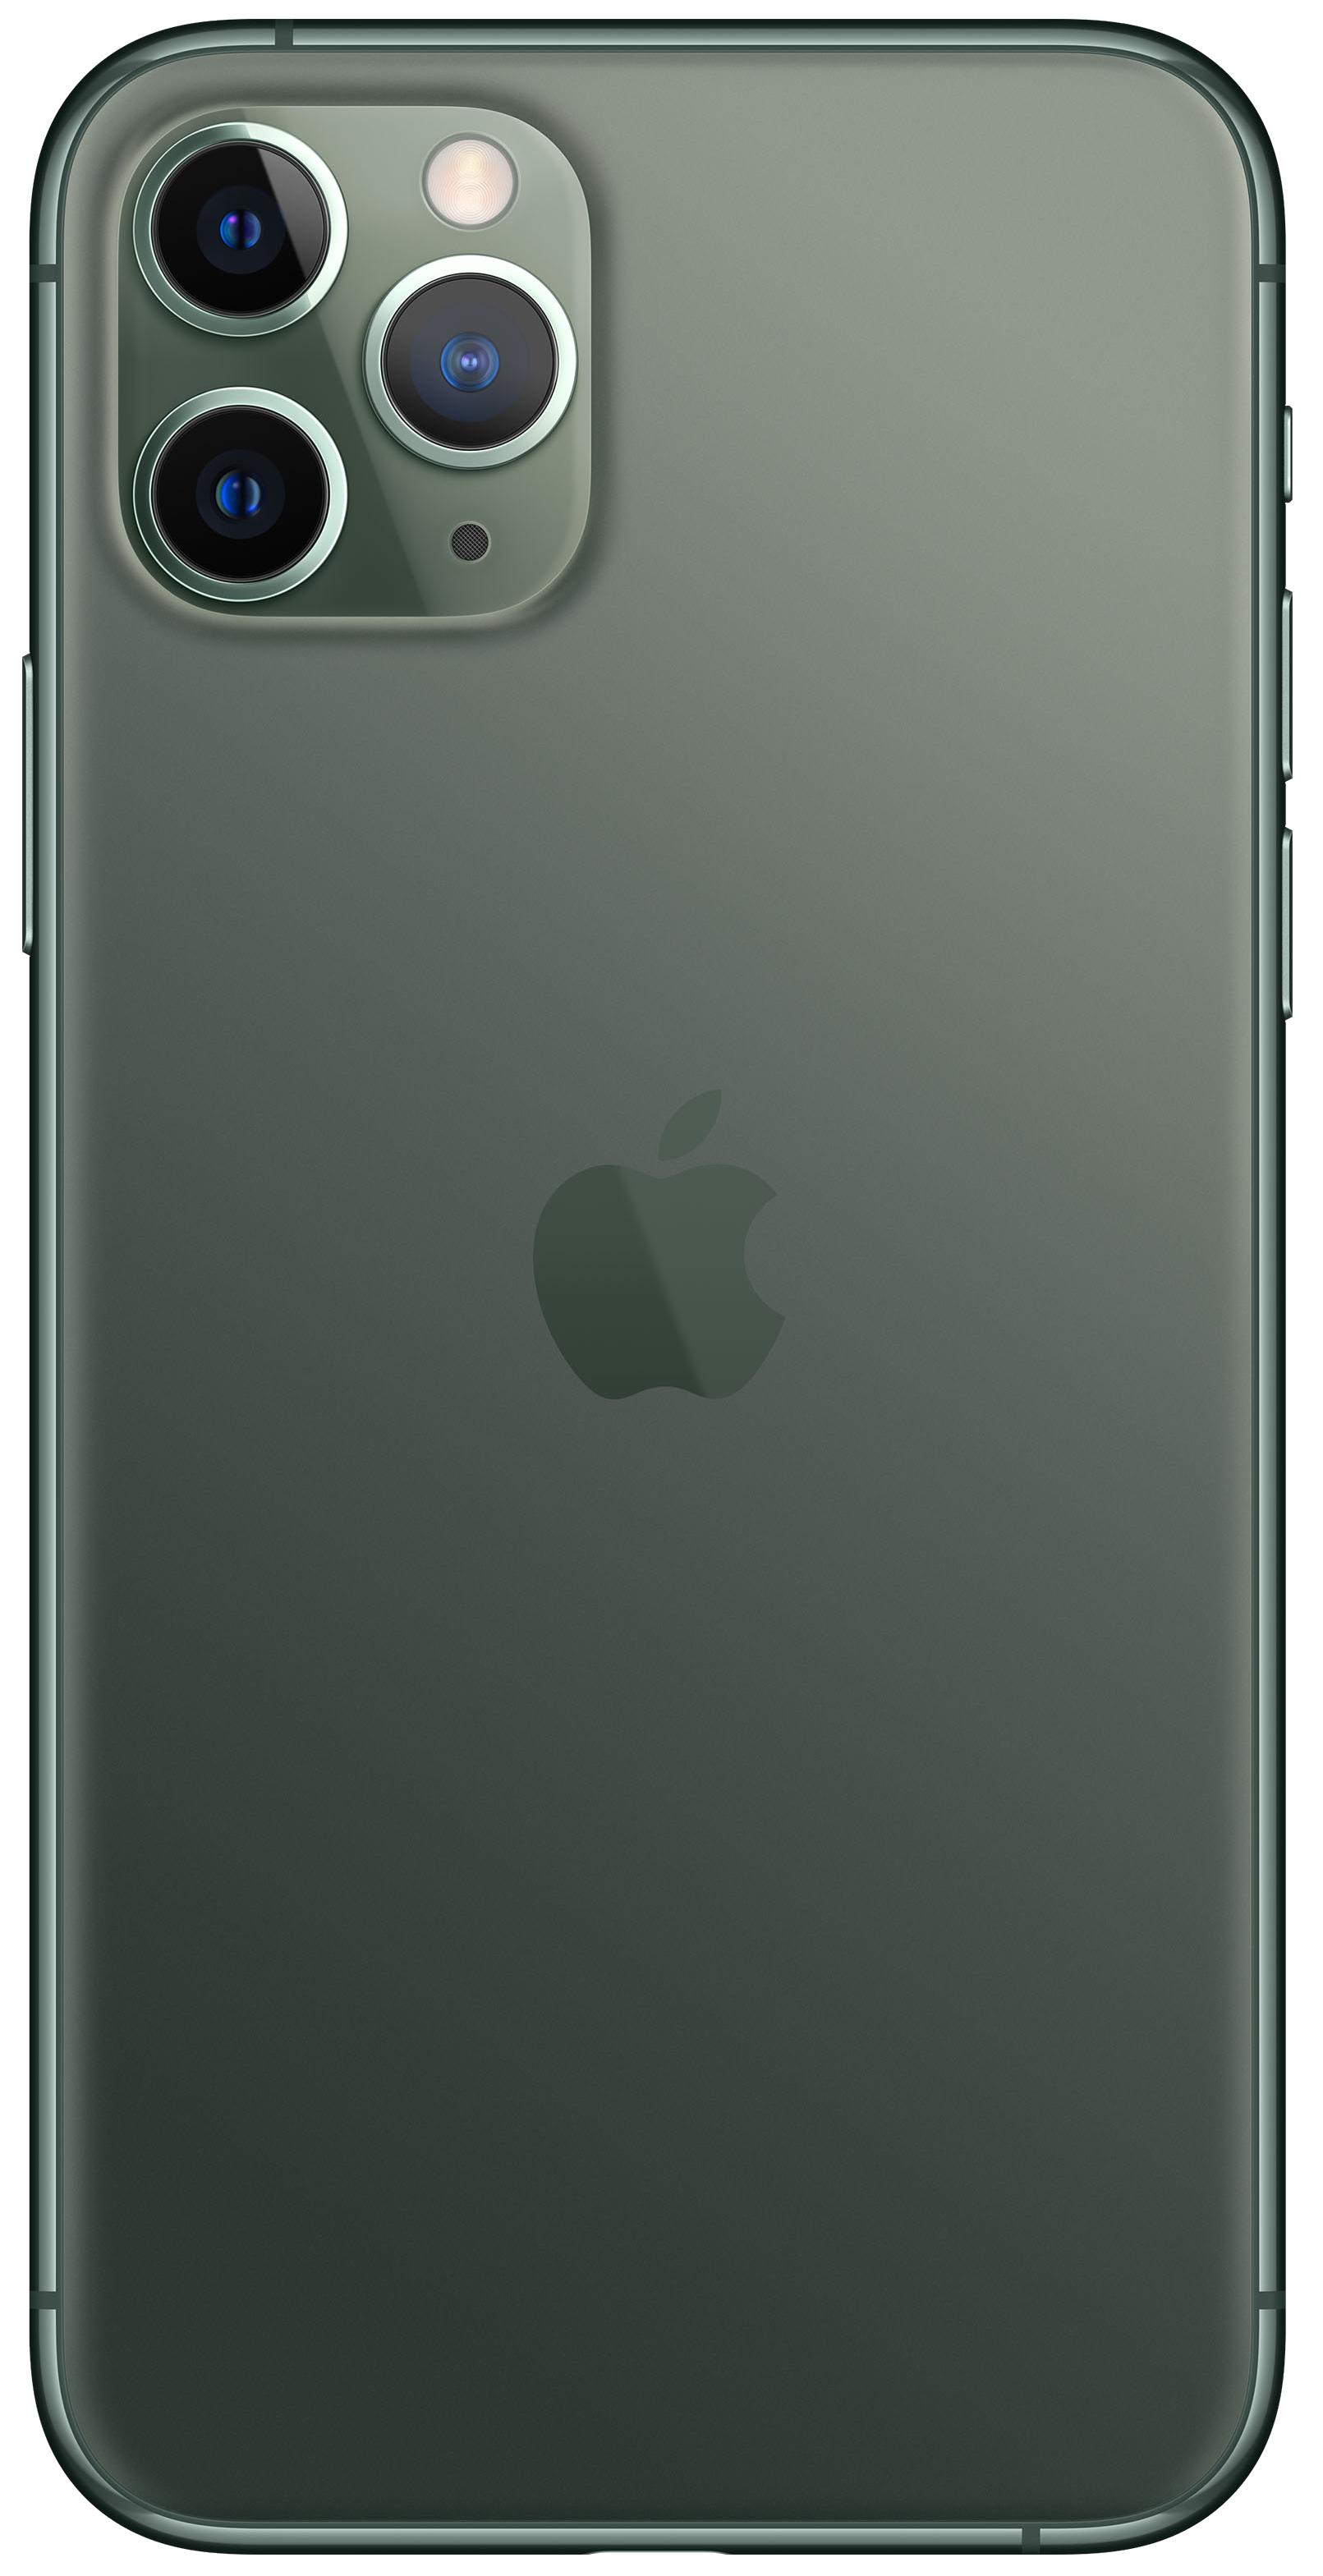 Iphone 11 Spesifikasi Di 2020 Iphone Wallpaper Ponsel Gambar